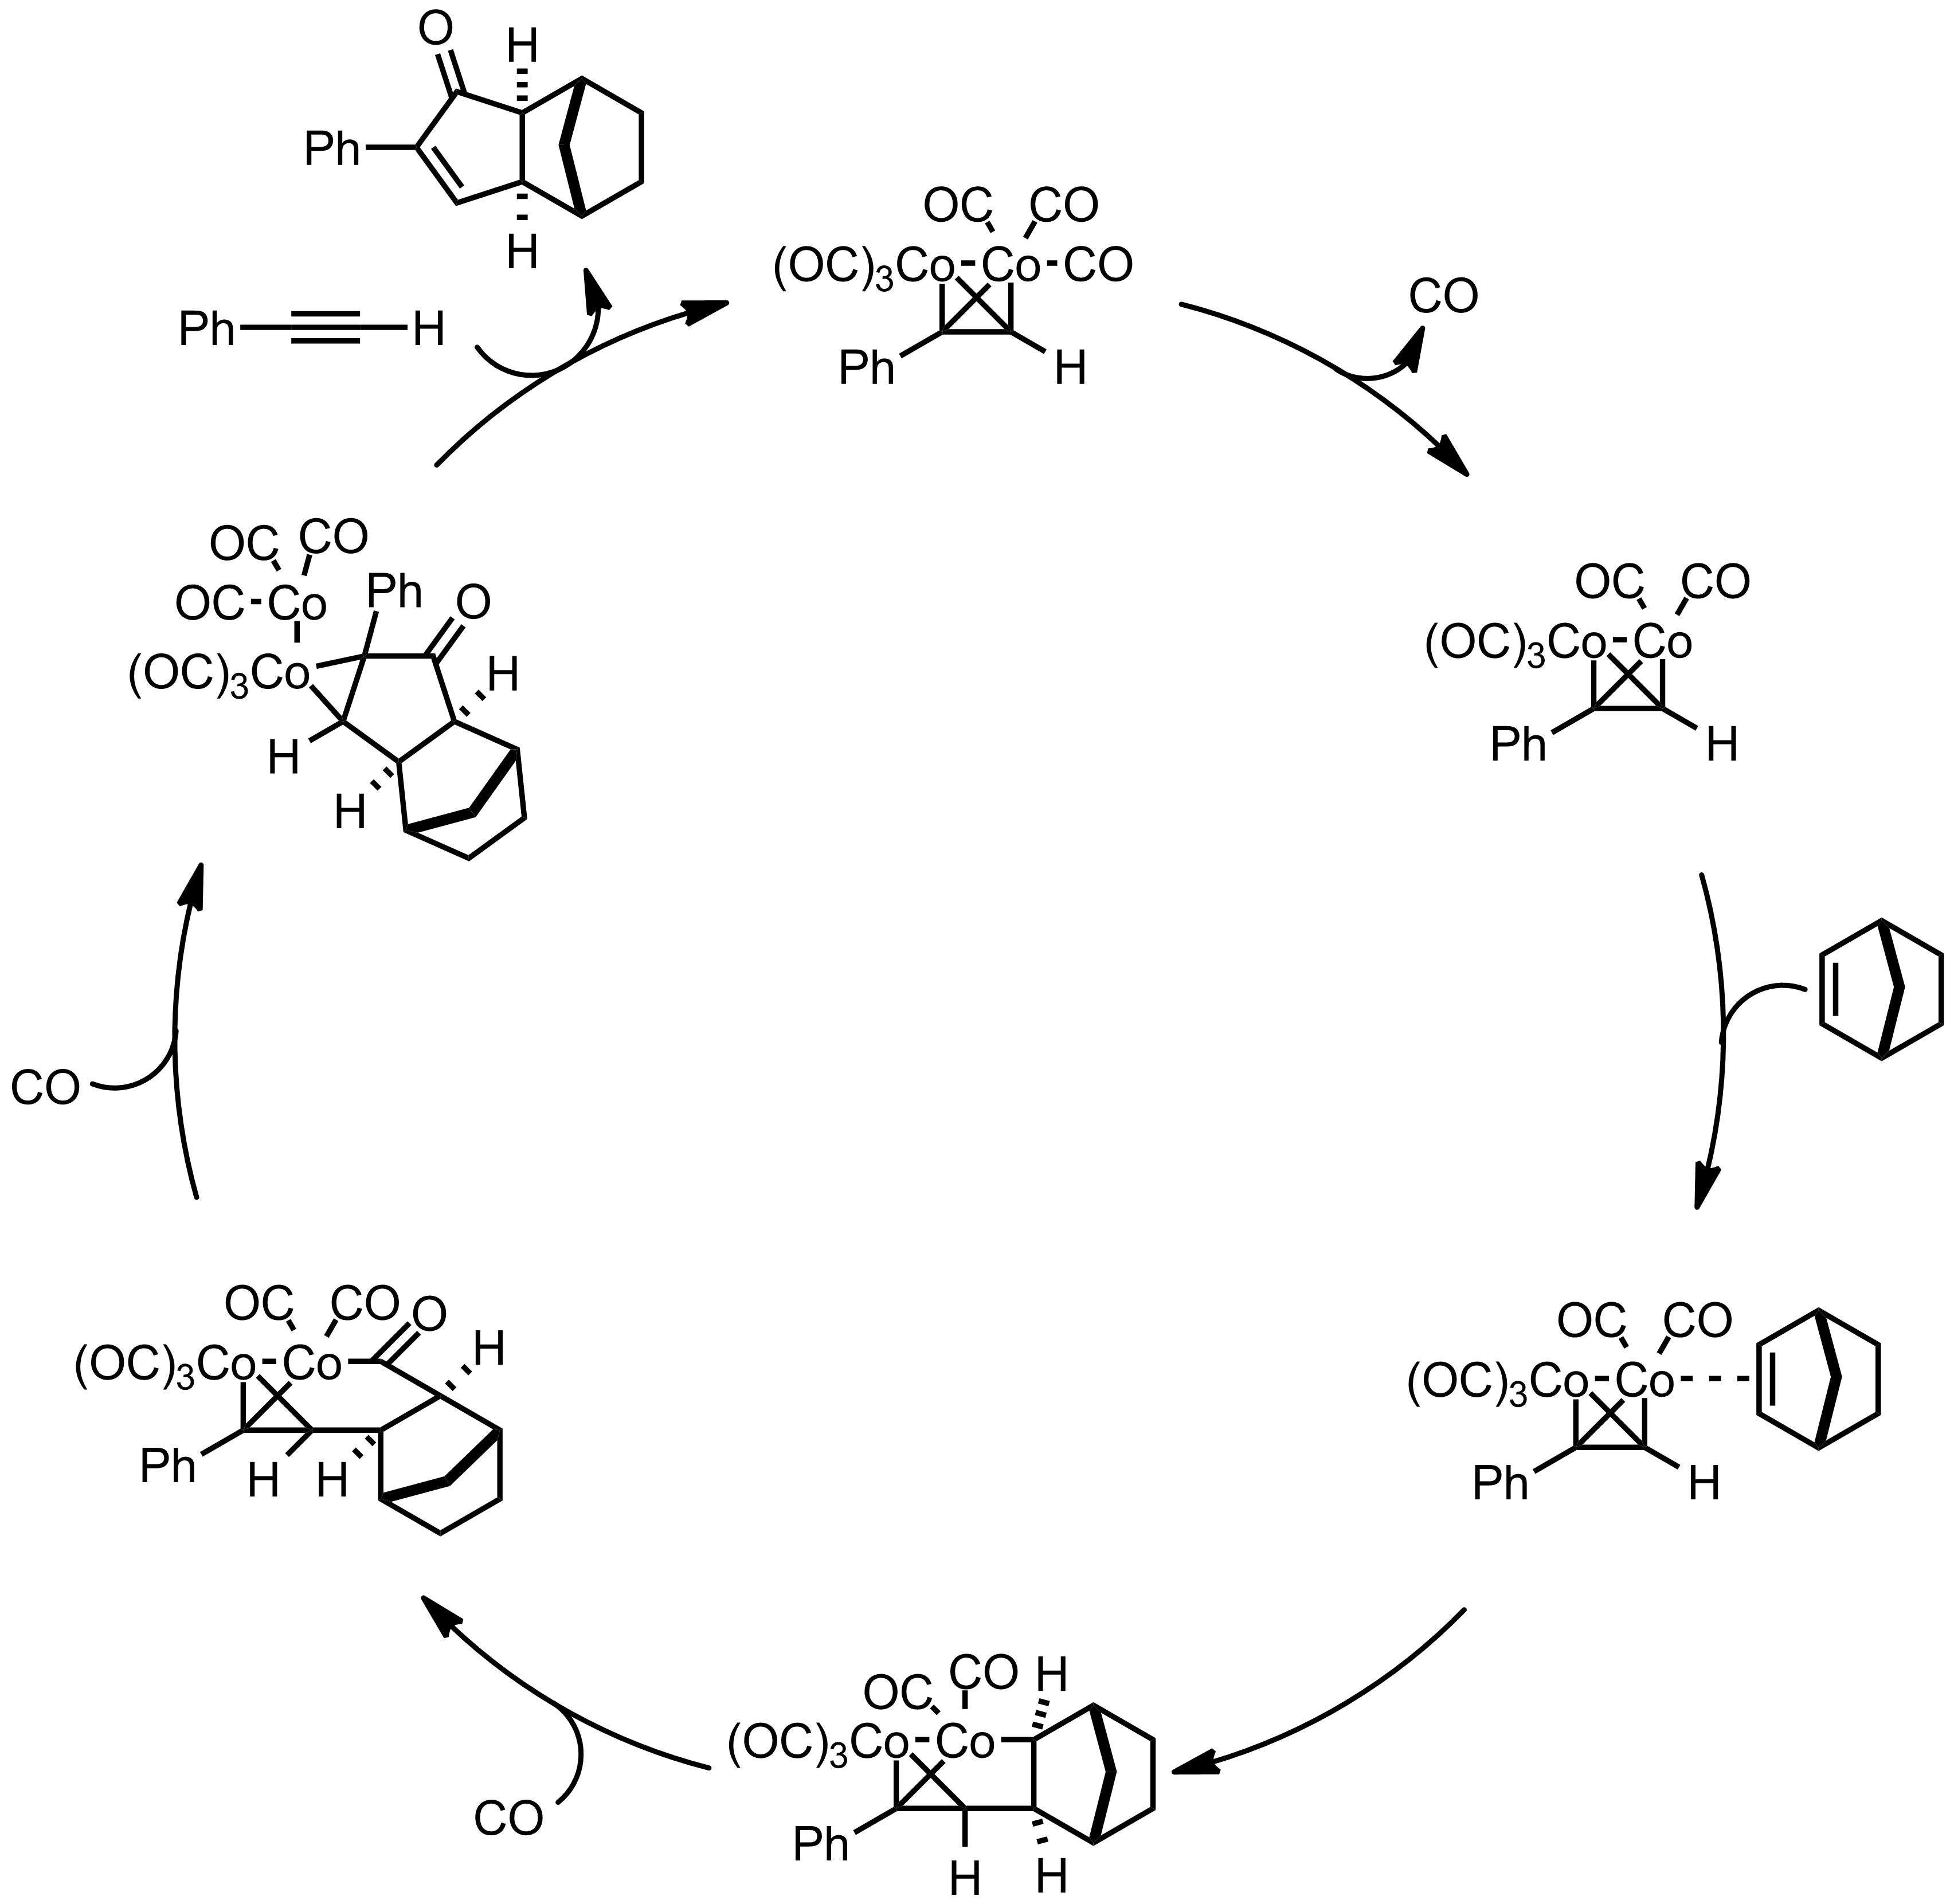 Mechanism of the Pauson-Khand Reaction